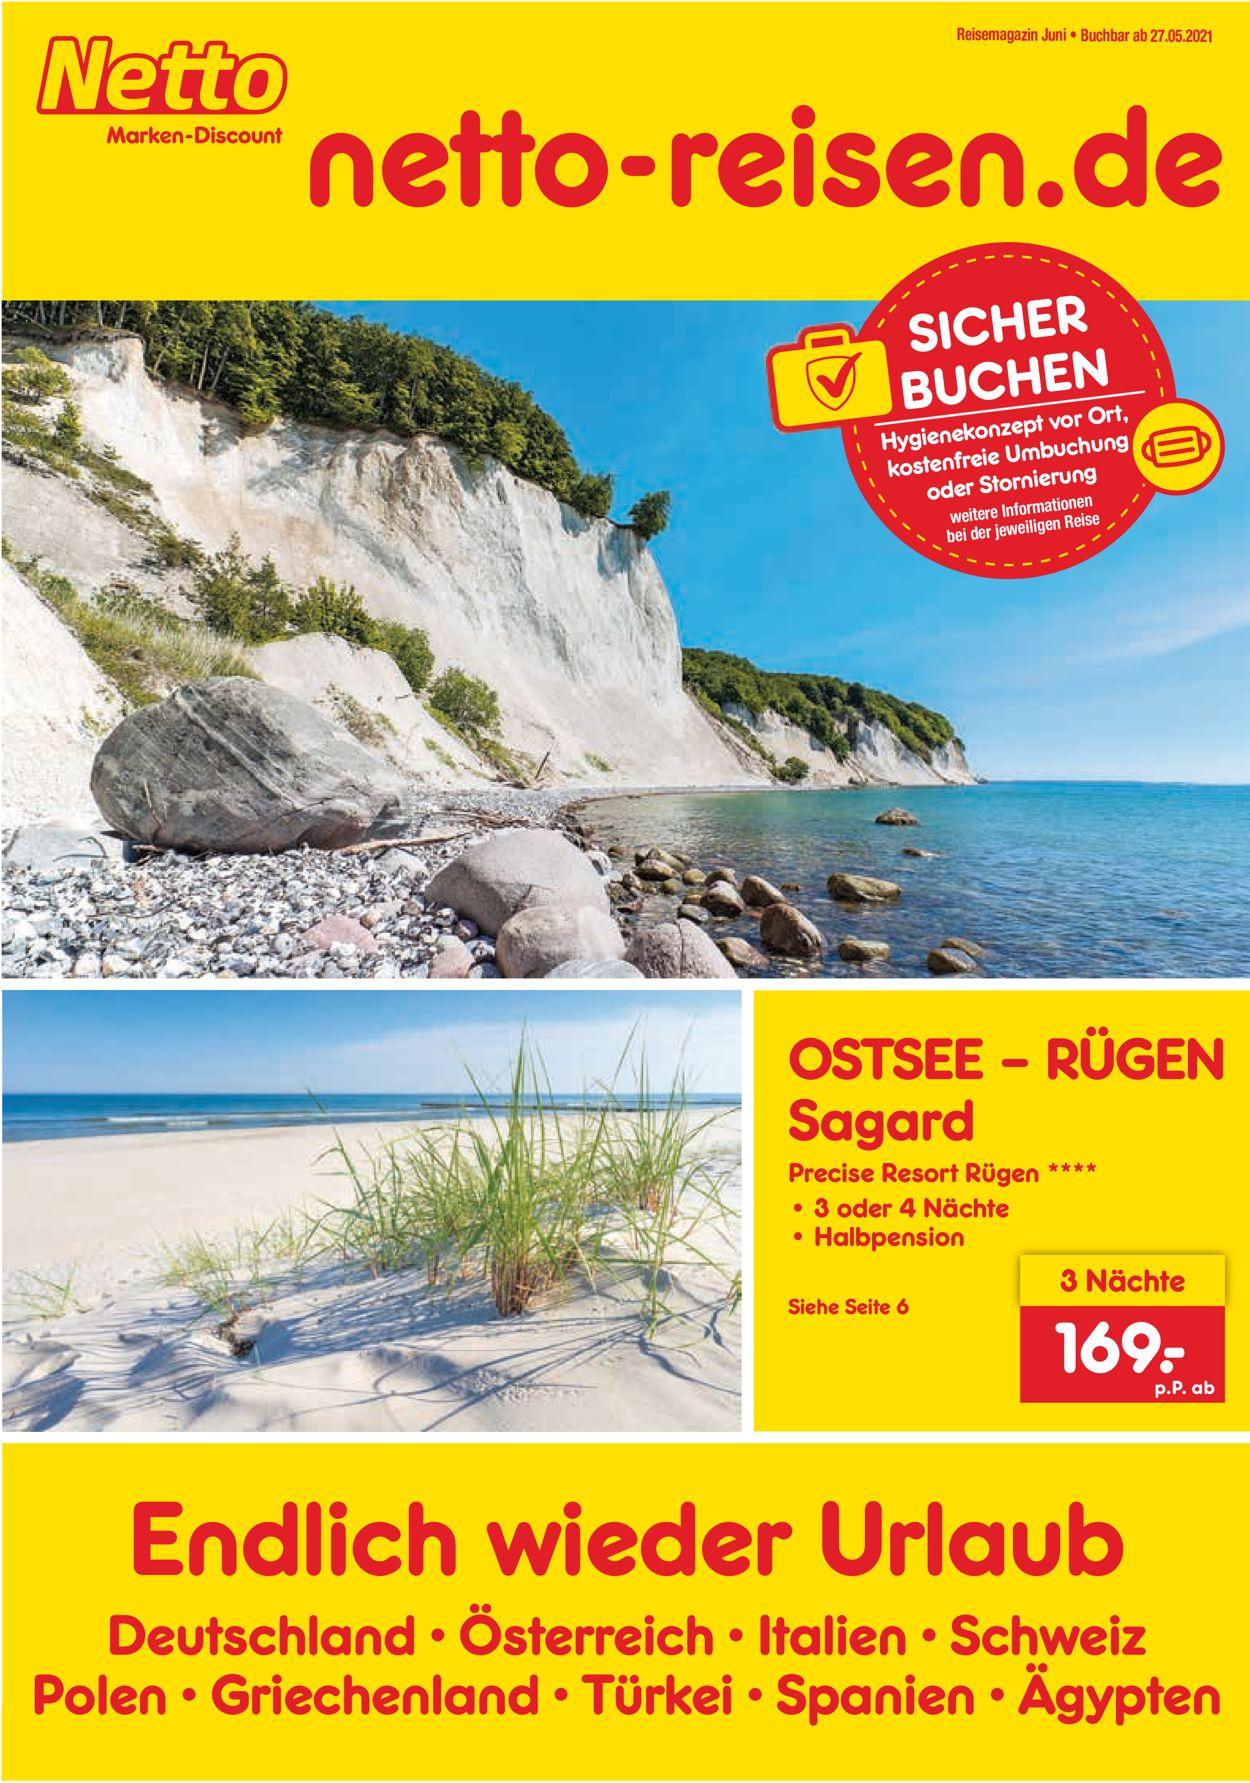 Netto Marken-Discount Prospekt - Aktuell vom 31.05-30.06.2021